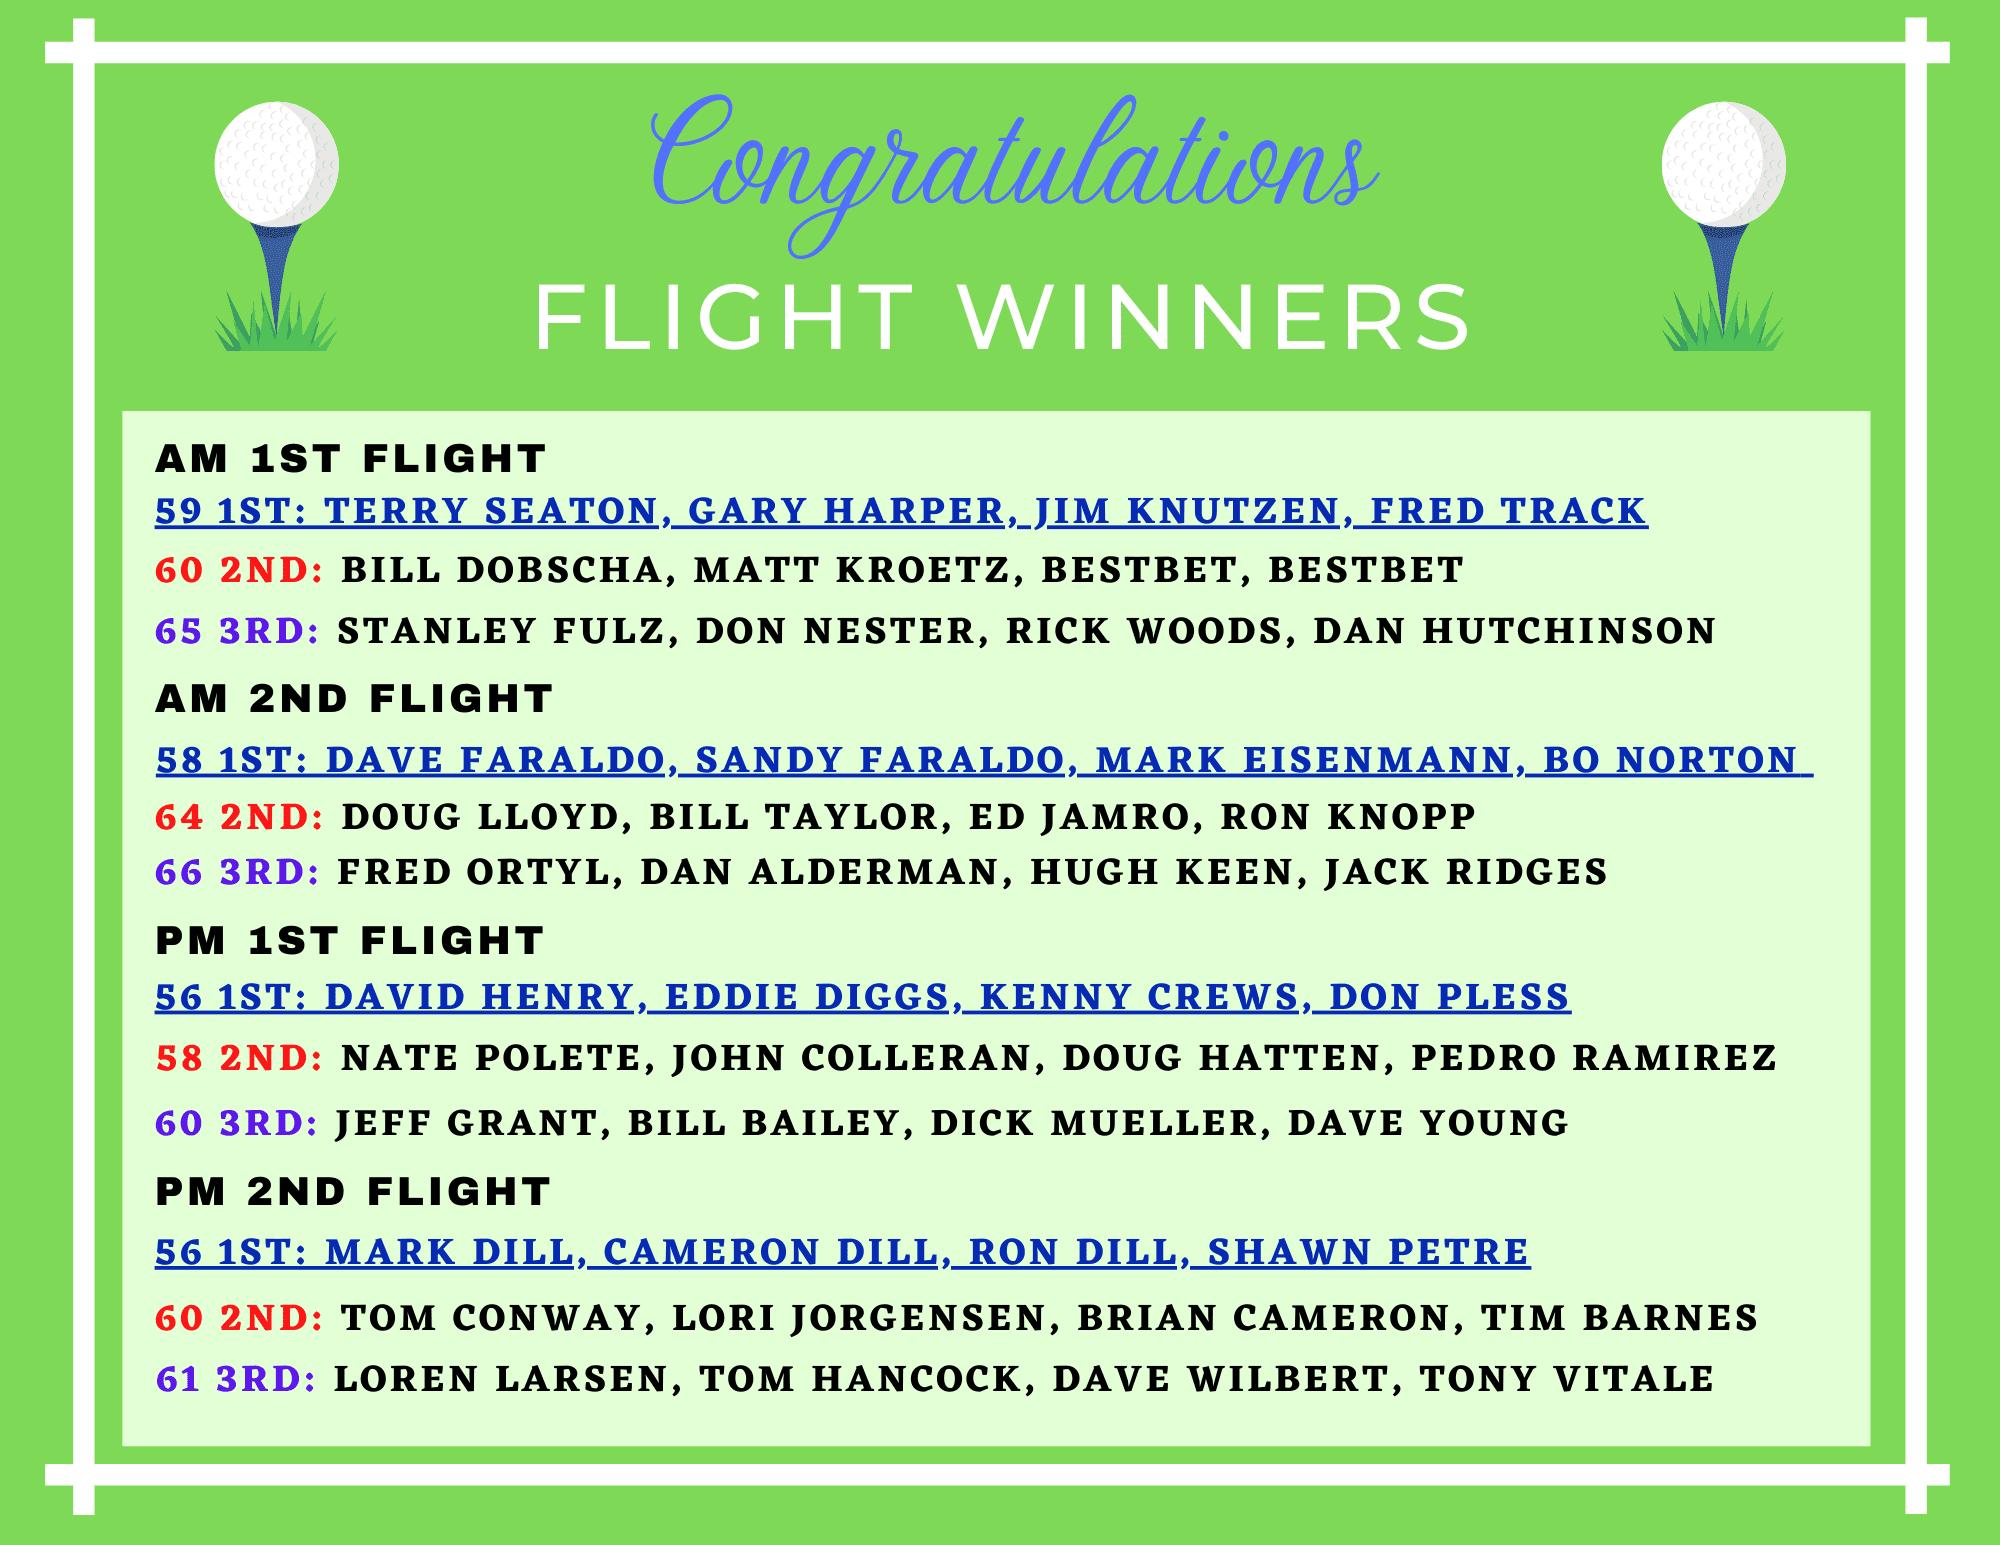 GC 21 Flight Winners (1)